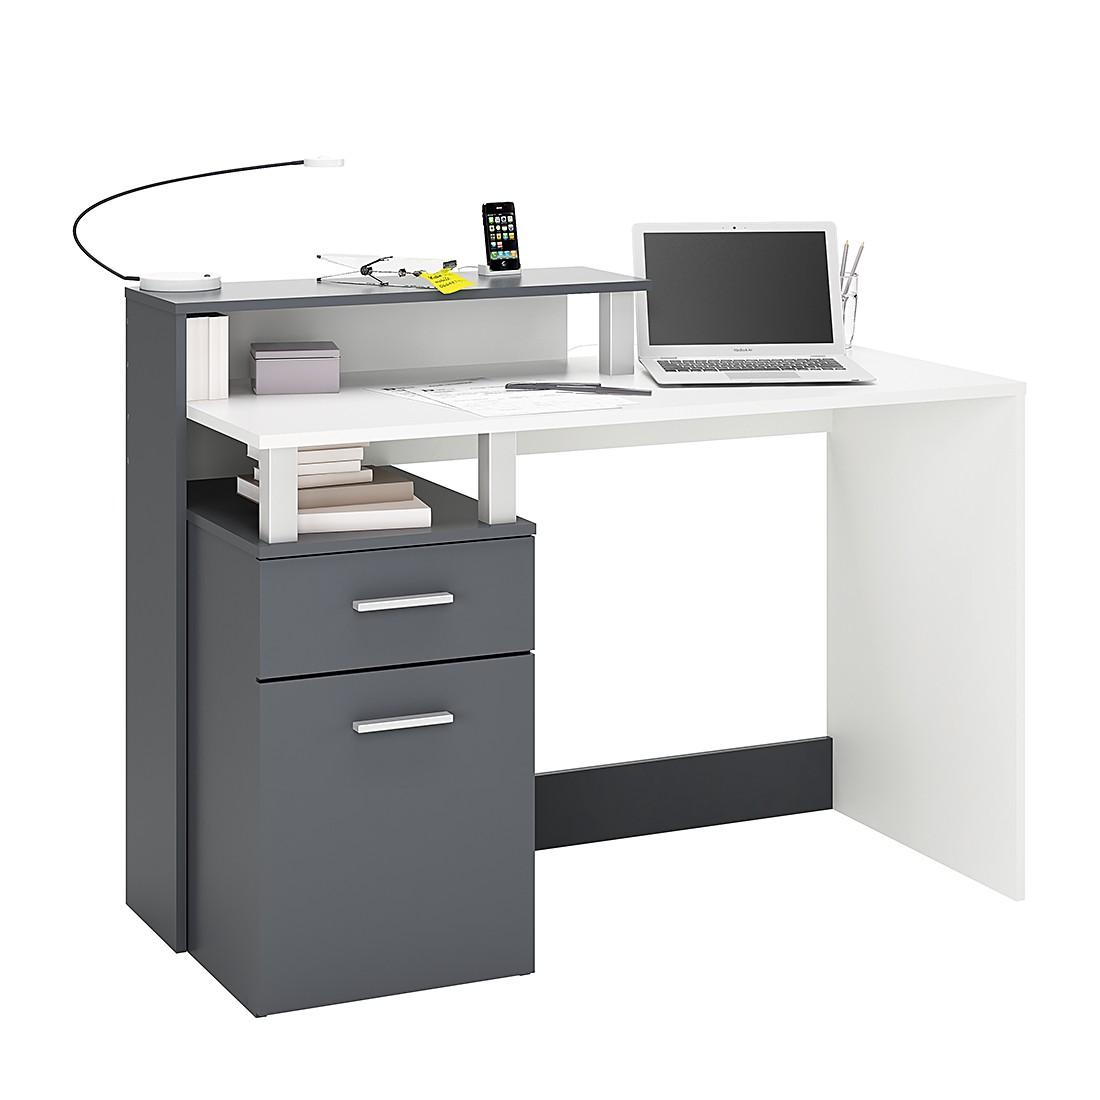 Büromöbel weiß grau  Büromöbel online günstig kaufen über shop24.at | shop24